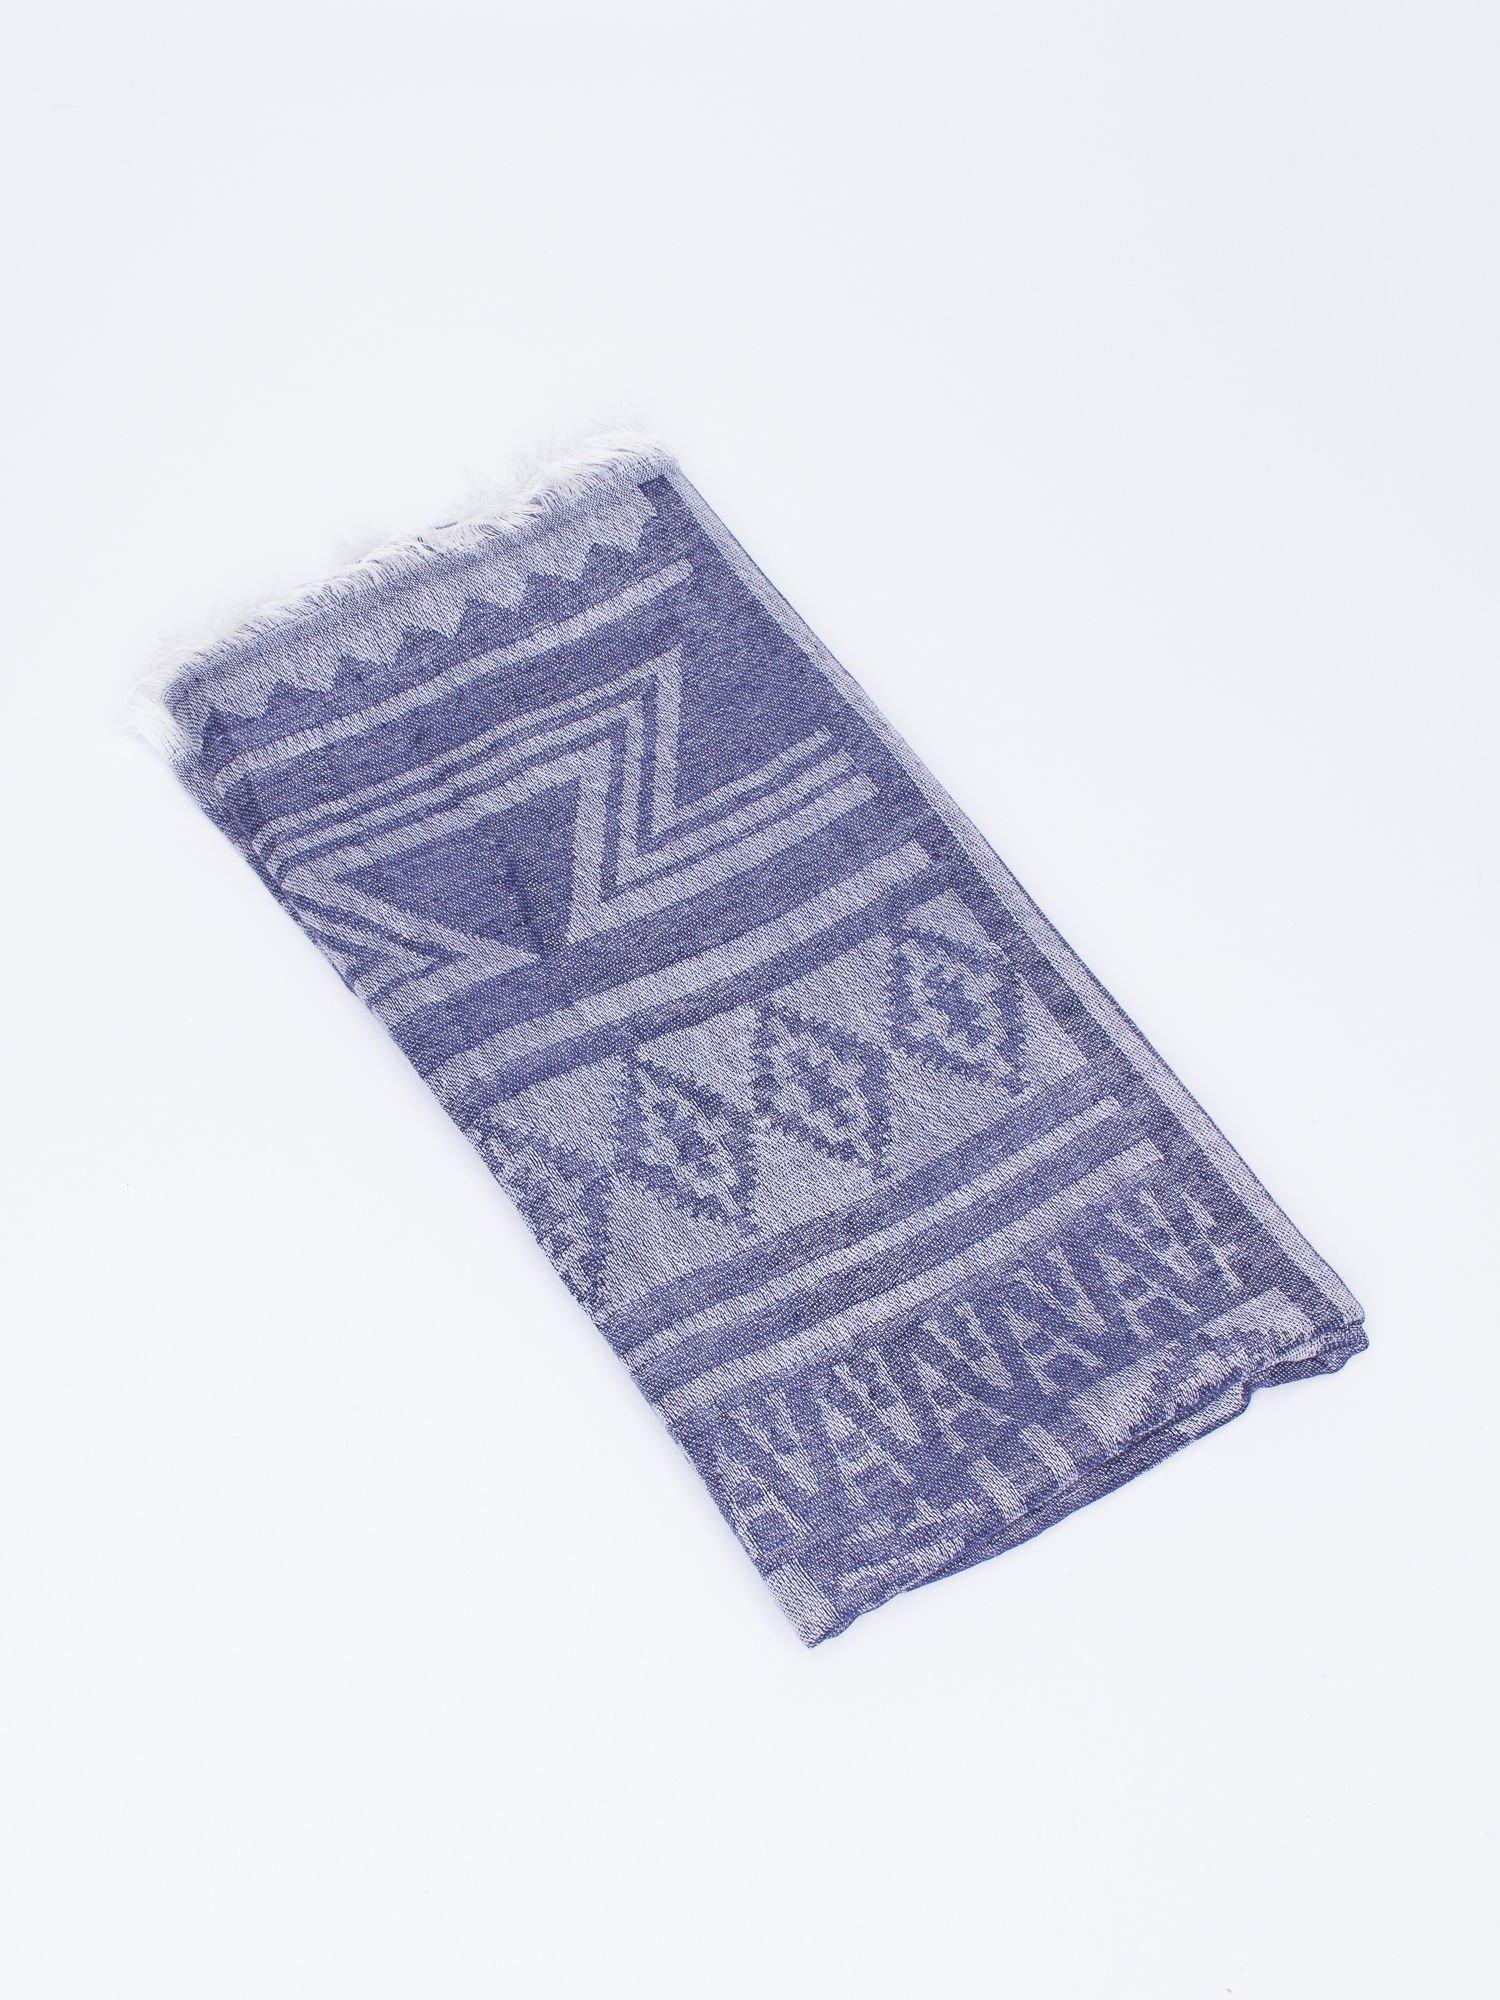 Granatowa chustka w geometryczny wzór z frędzlami na końcach                                  zdj.                                  3